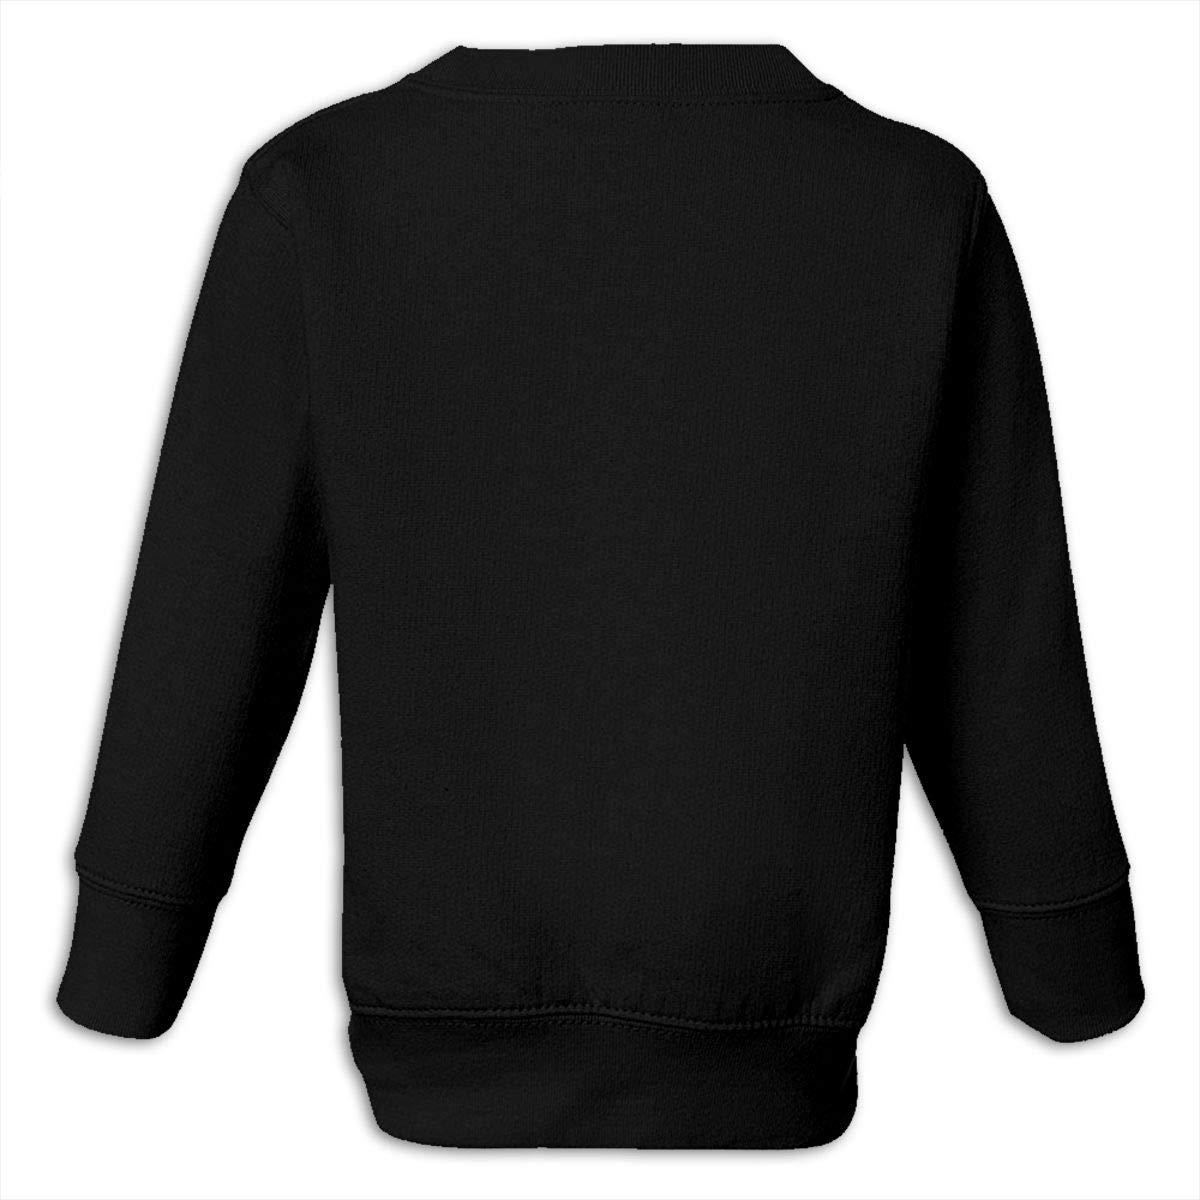 GHYNJUM Fish Bone Juvenile Unisex Cotton Long Sleeve Round Neck Sweatshirt